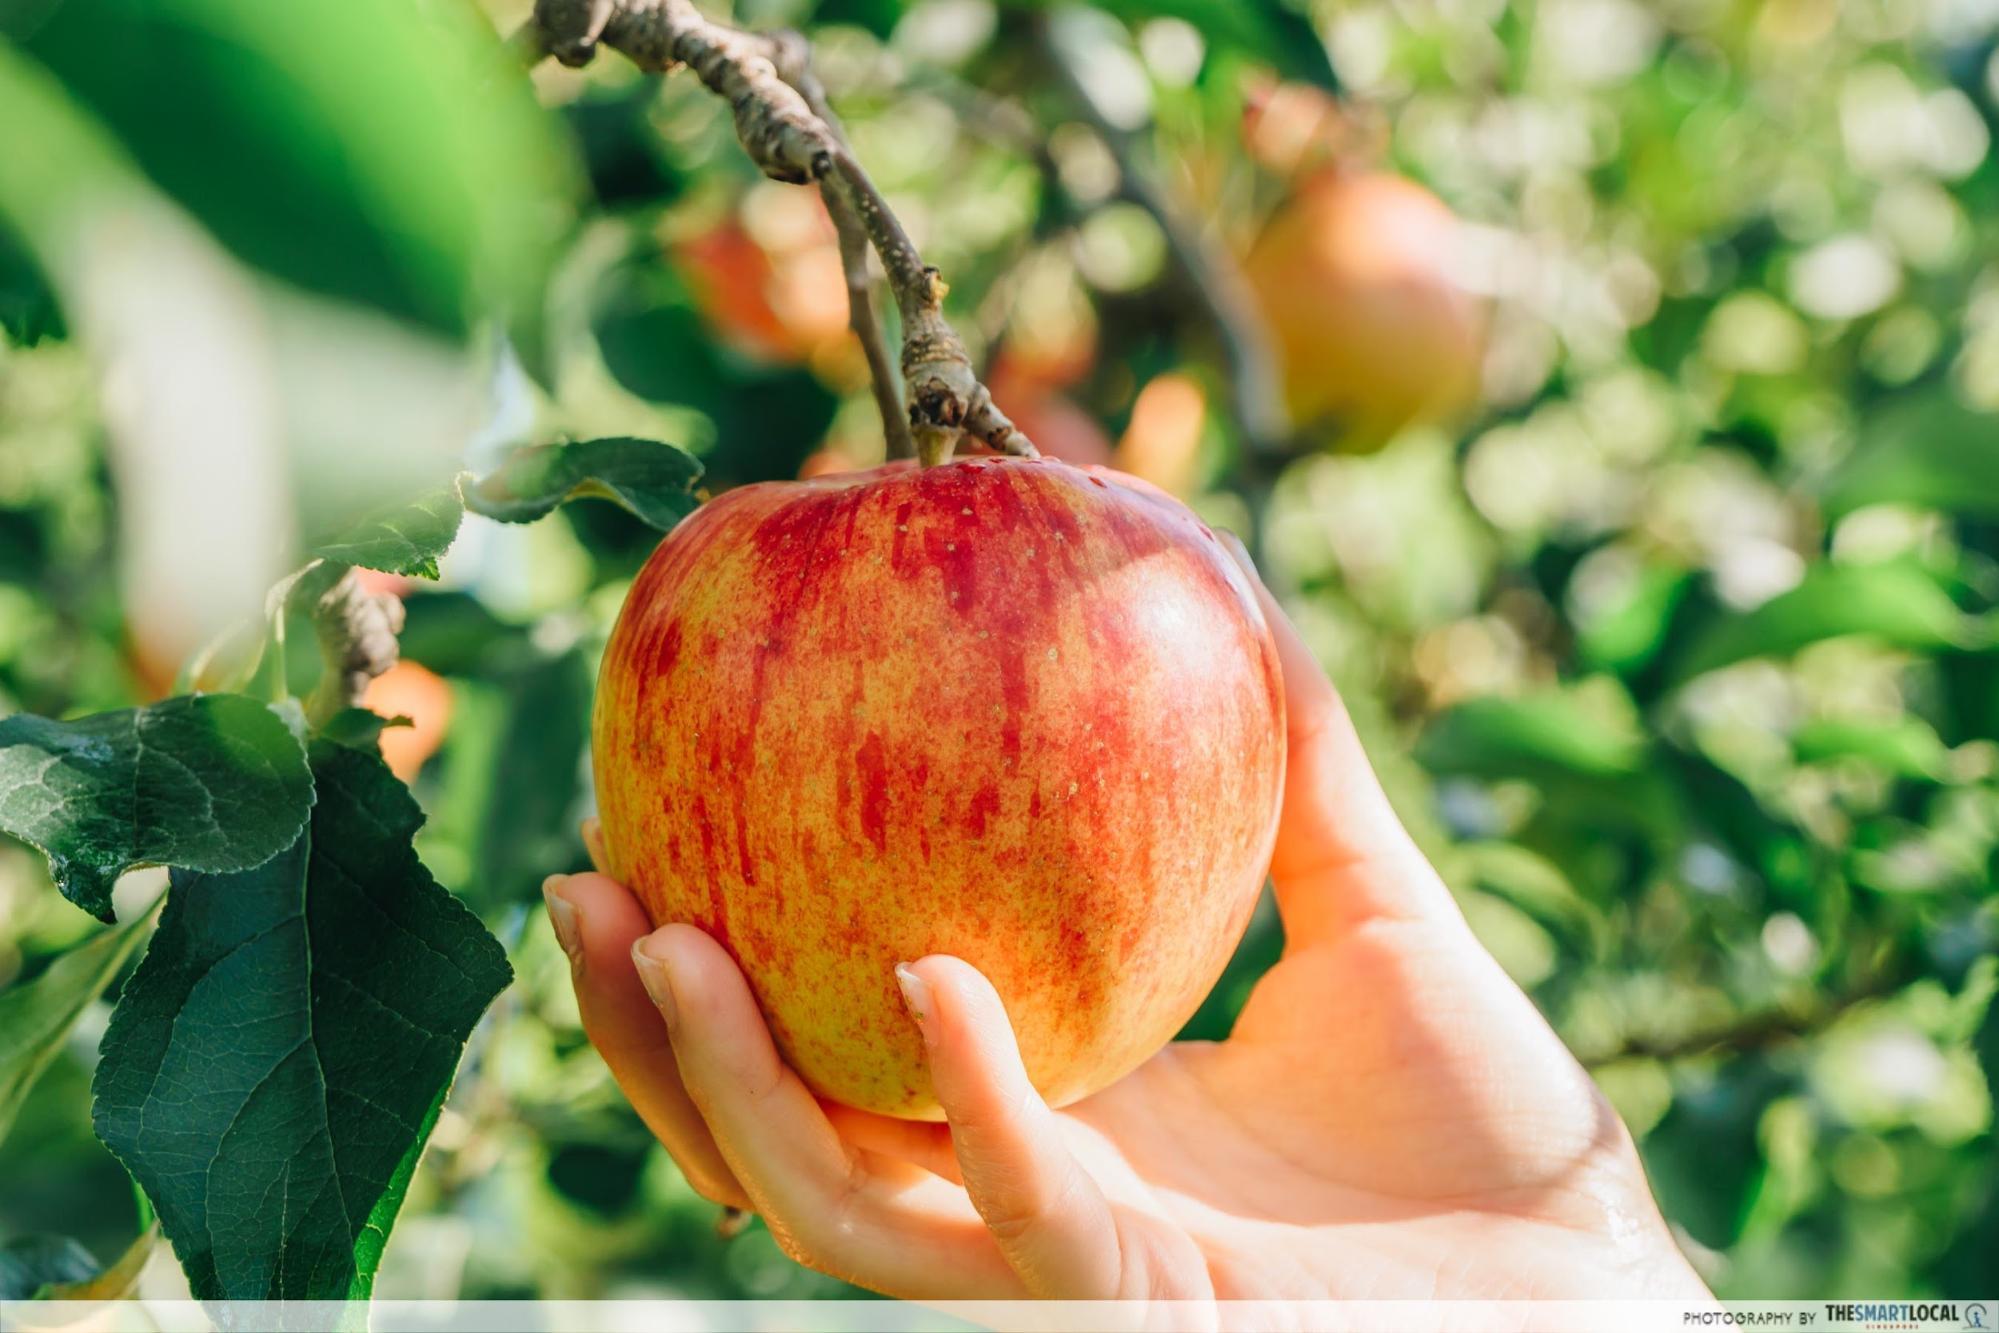 tohoku japan - fuji apple picking